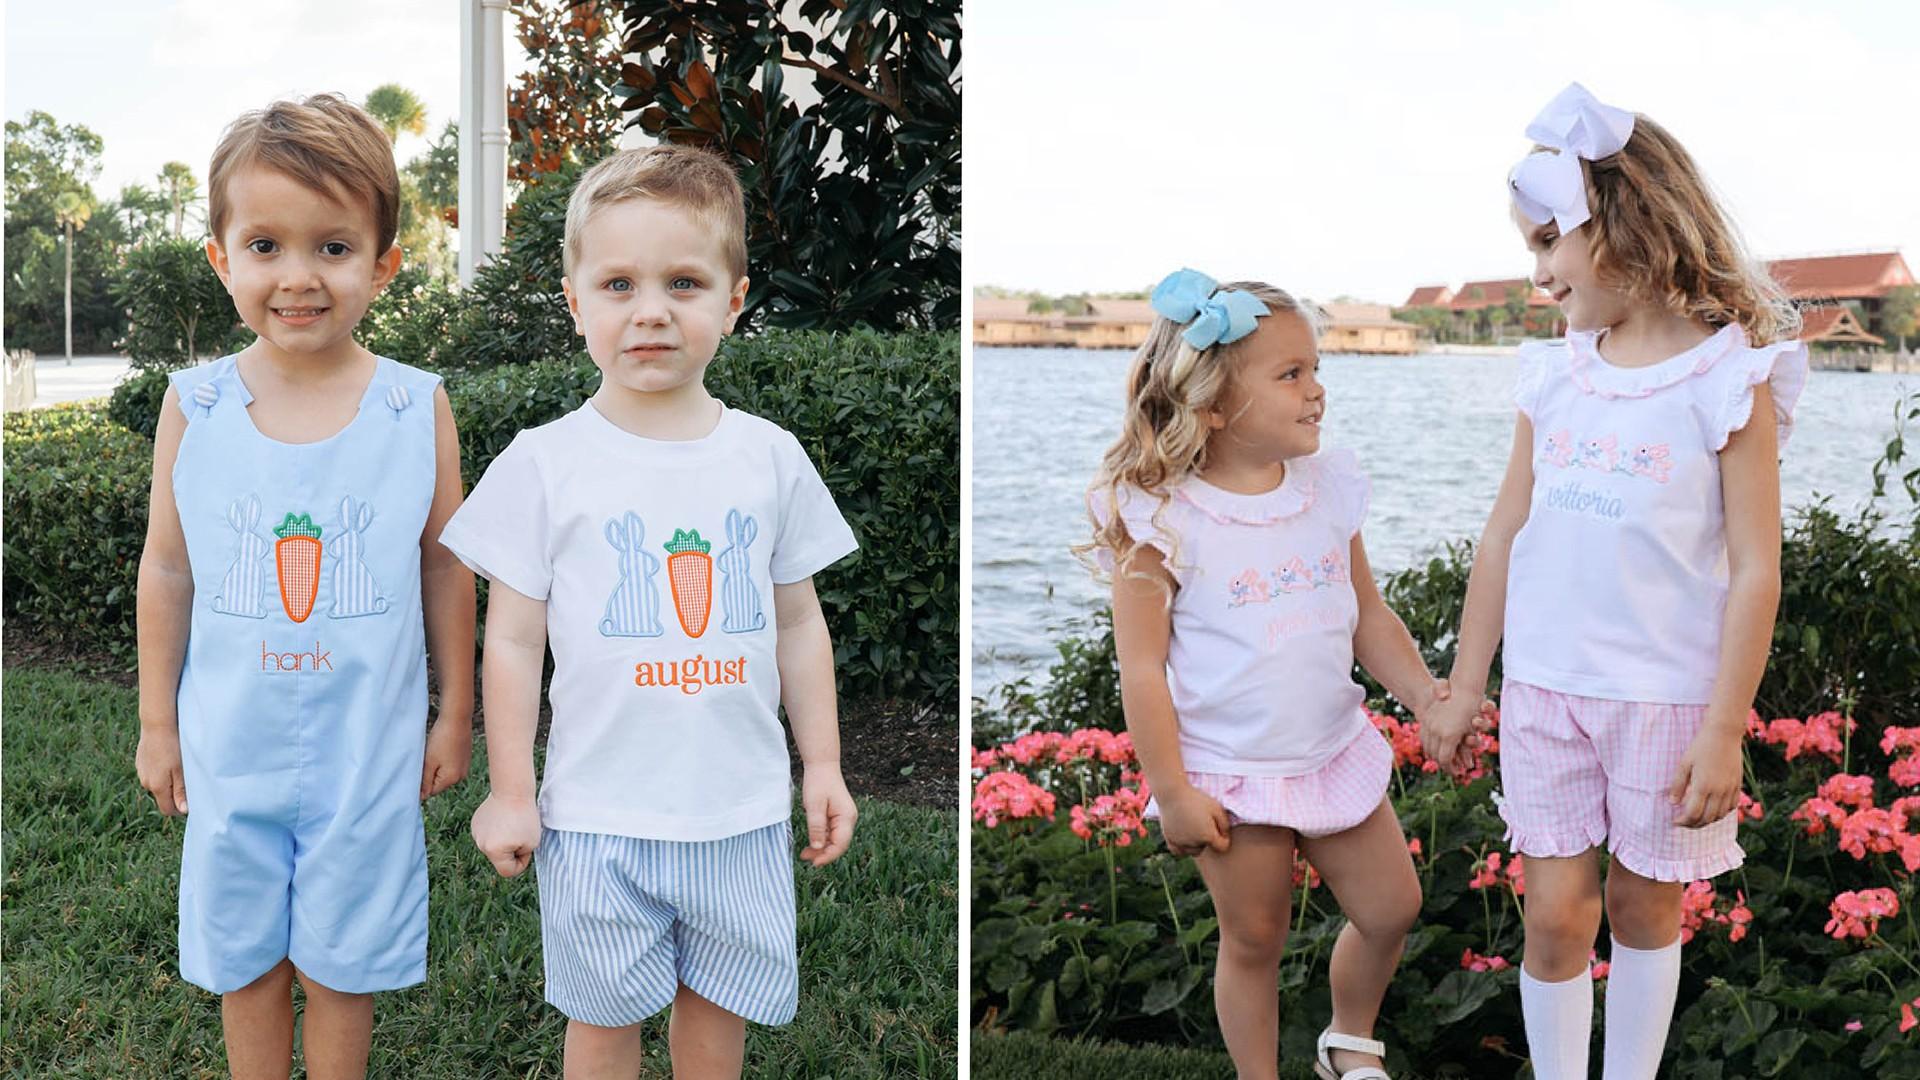 children's easter clothing